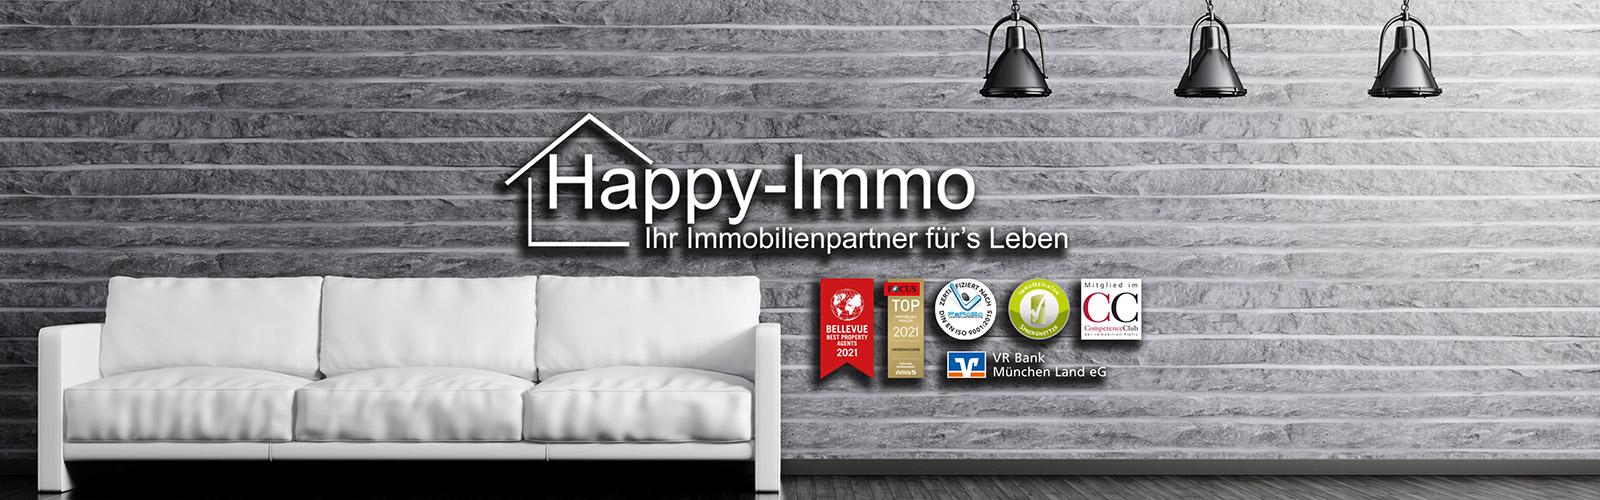 Happy Immo GmbH Verkauf und Vermietung & Kauf und Miete von Wohnung, Haus, Grundstück, Büro, Einzelh